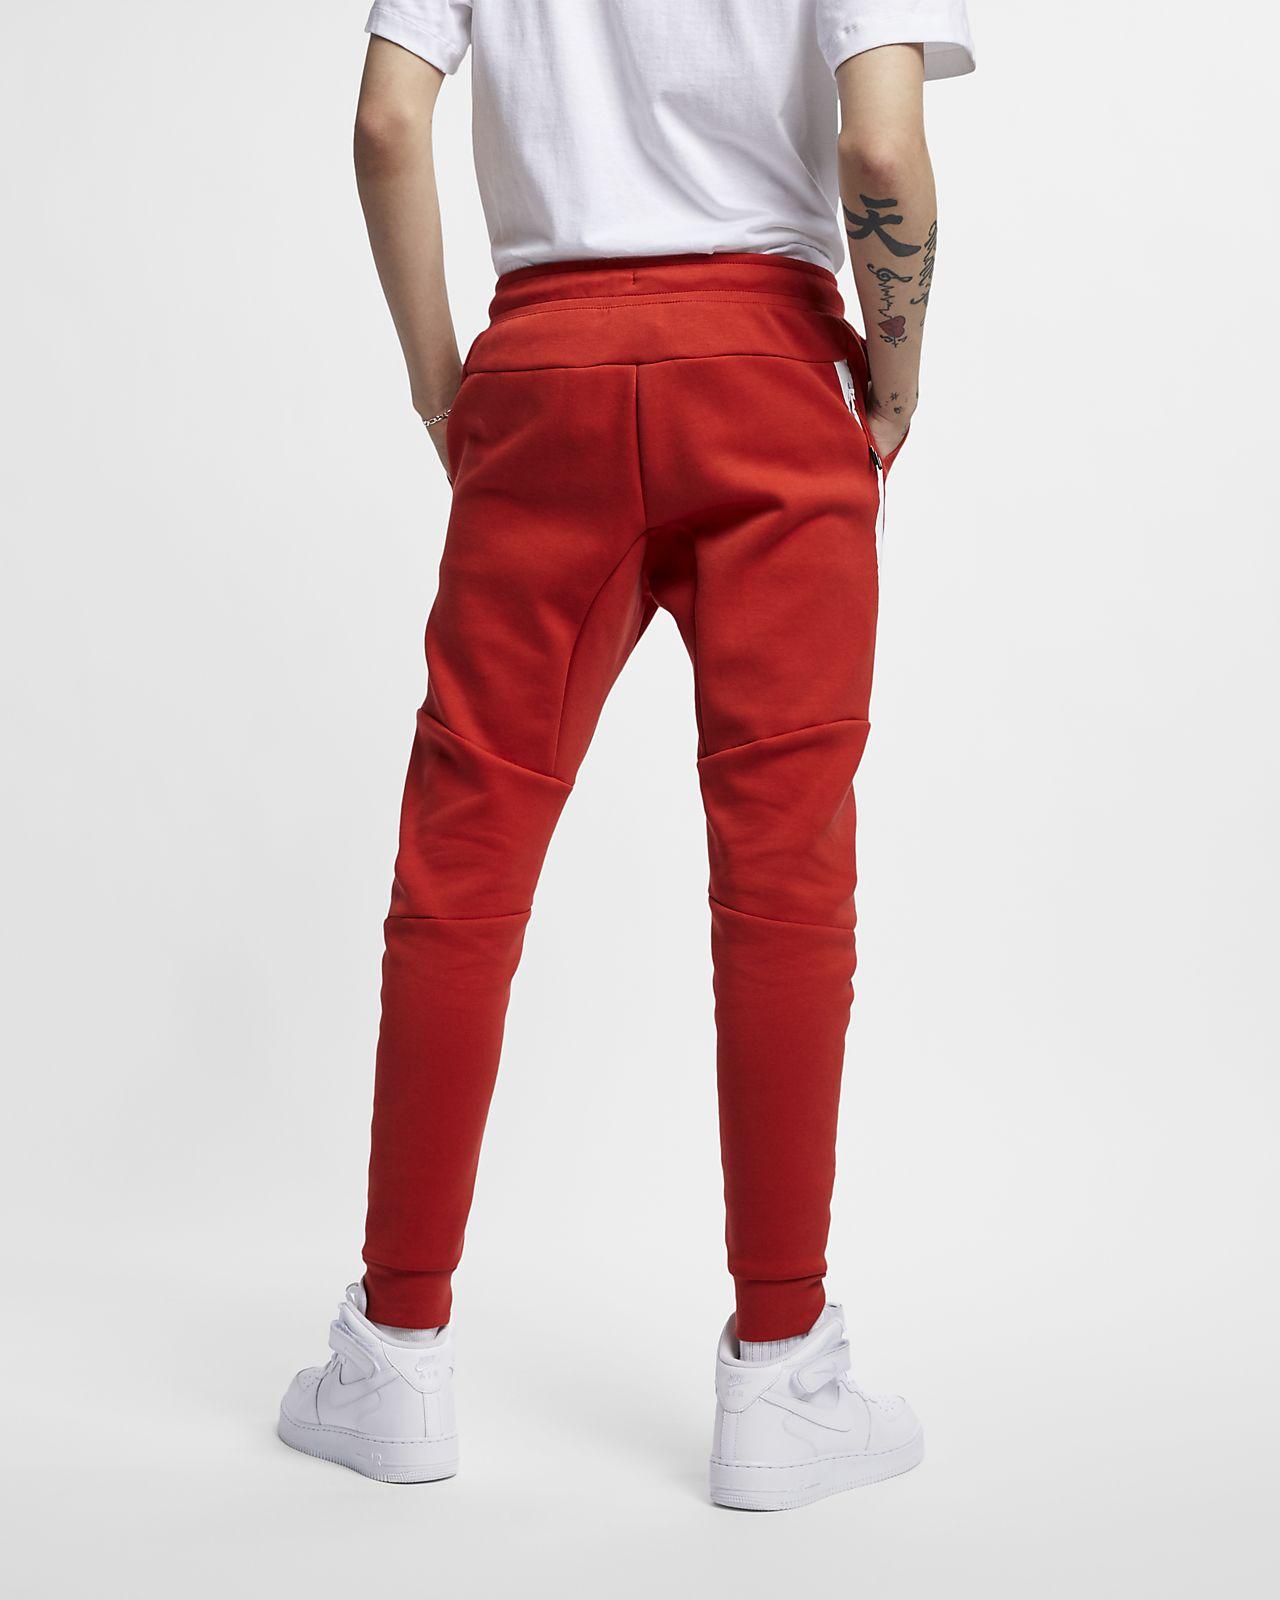 Nike Sportswear Pants NSW Tech Fleece OG Light BoneBlack